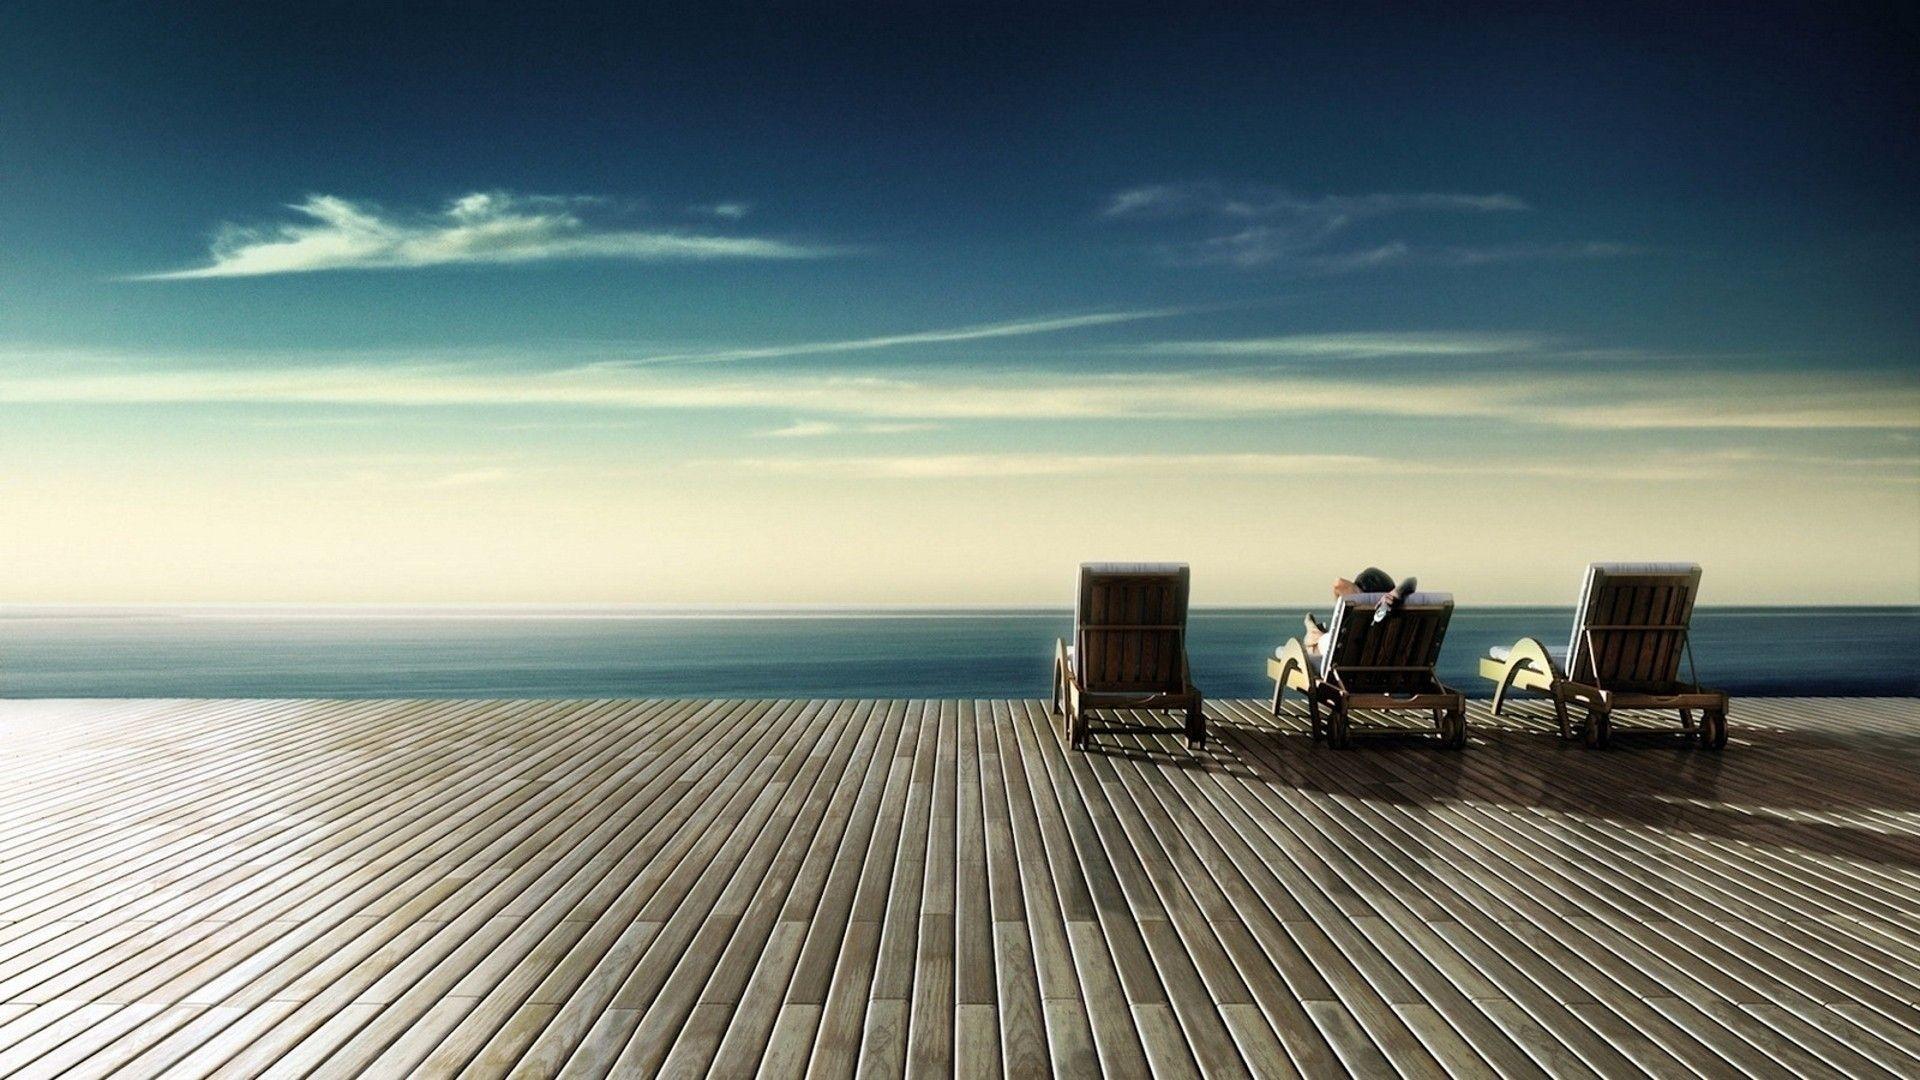 relaxing desktop background